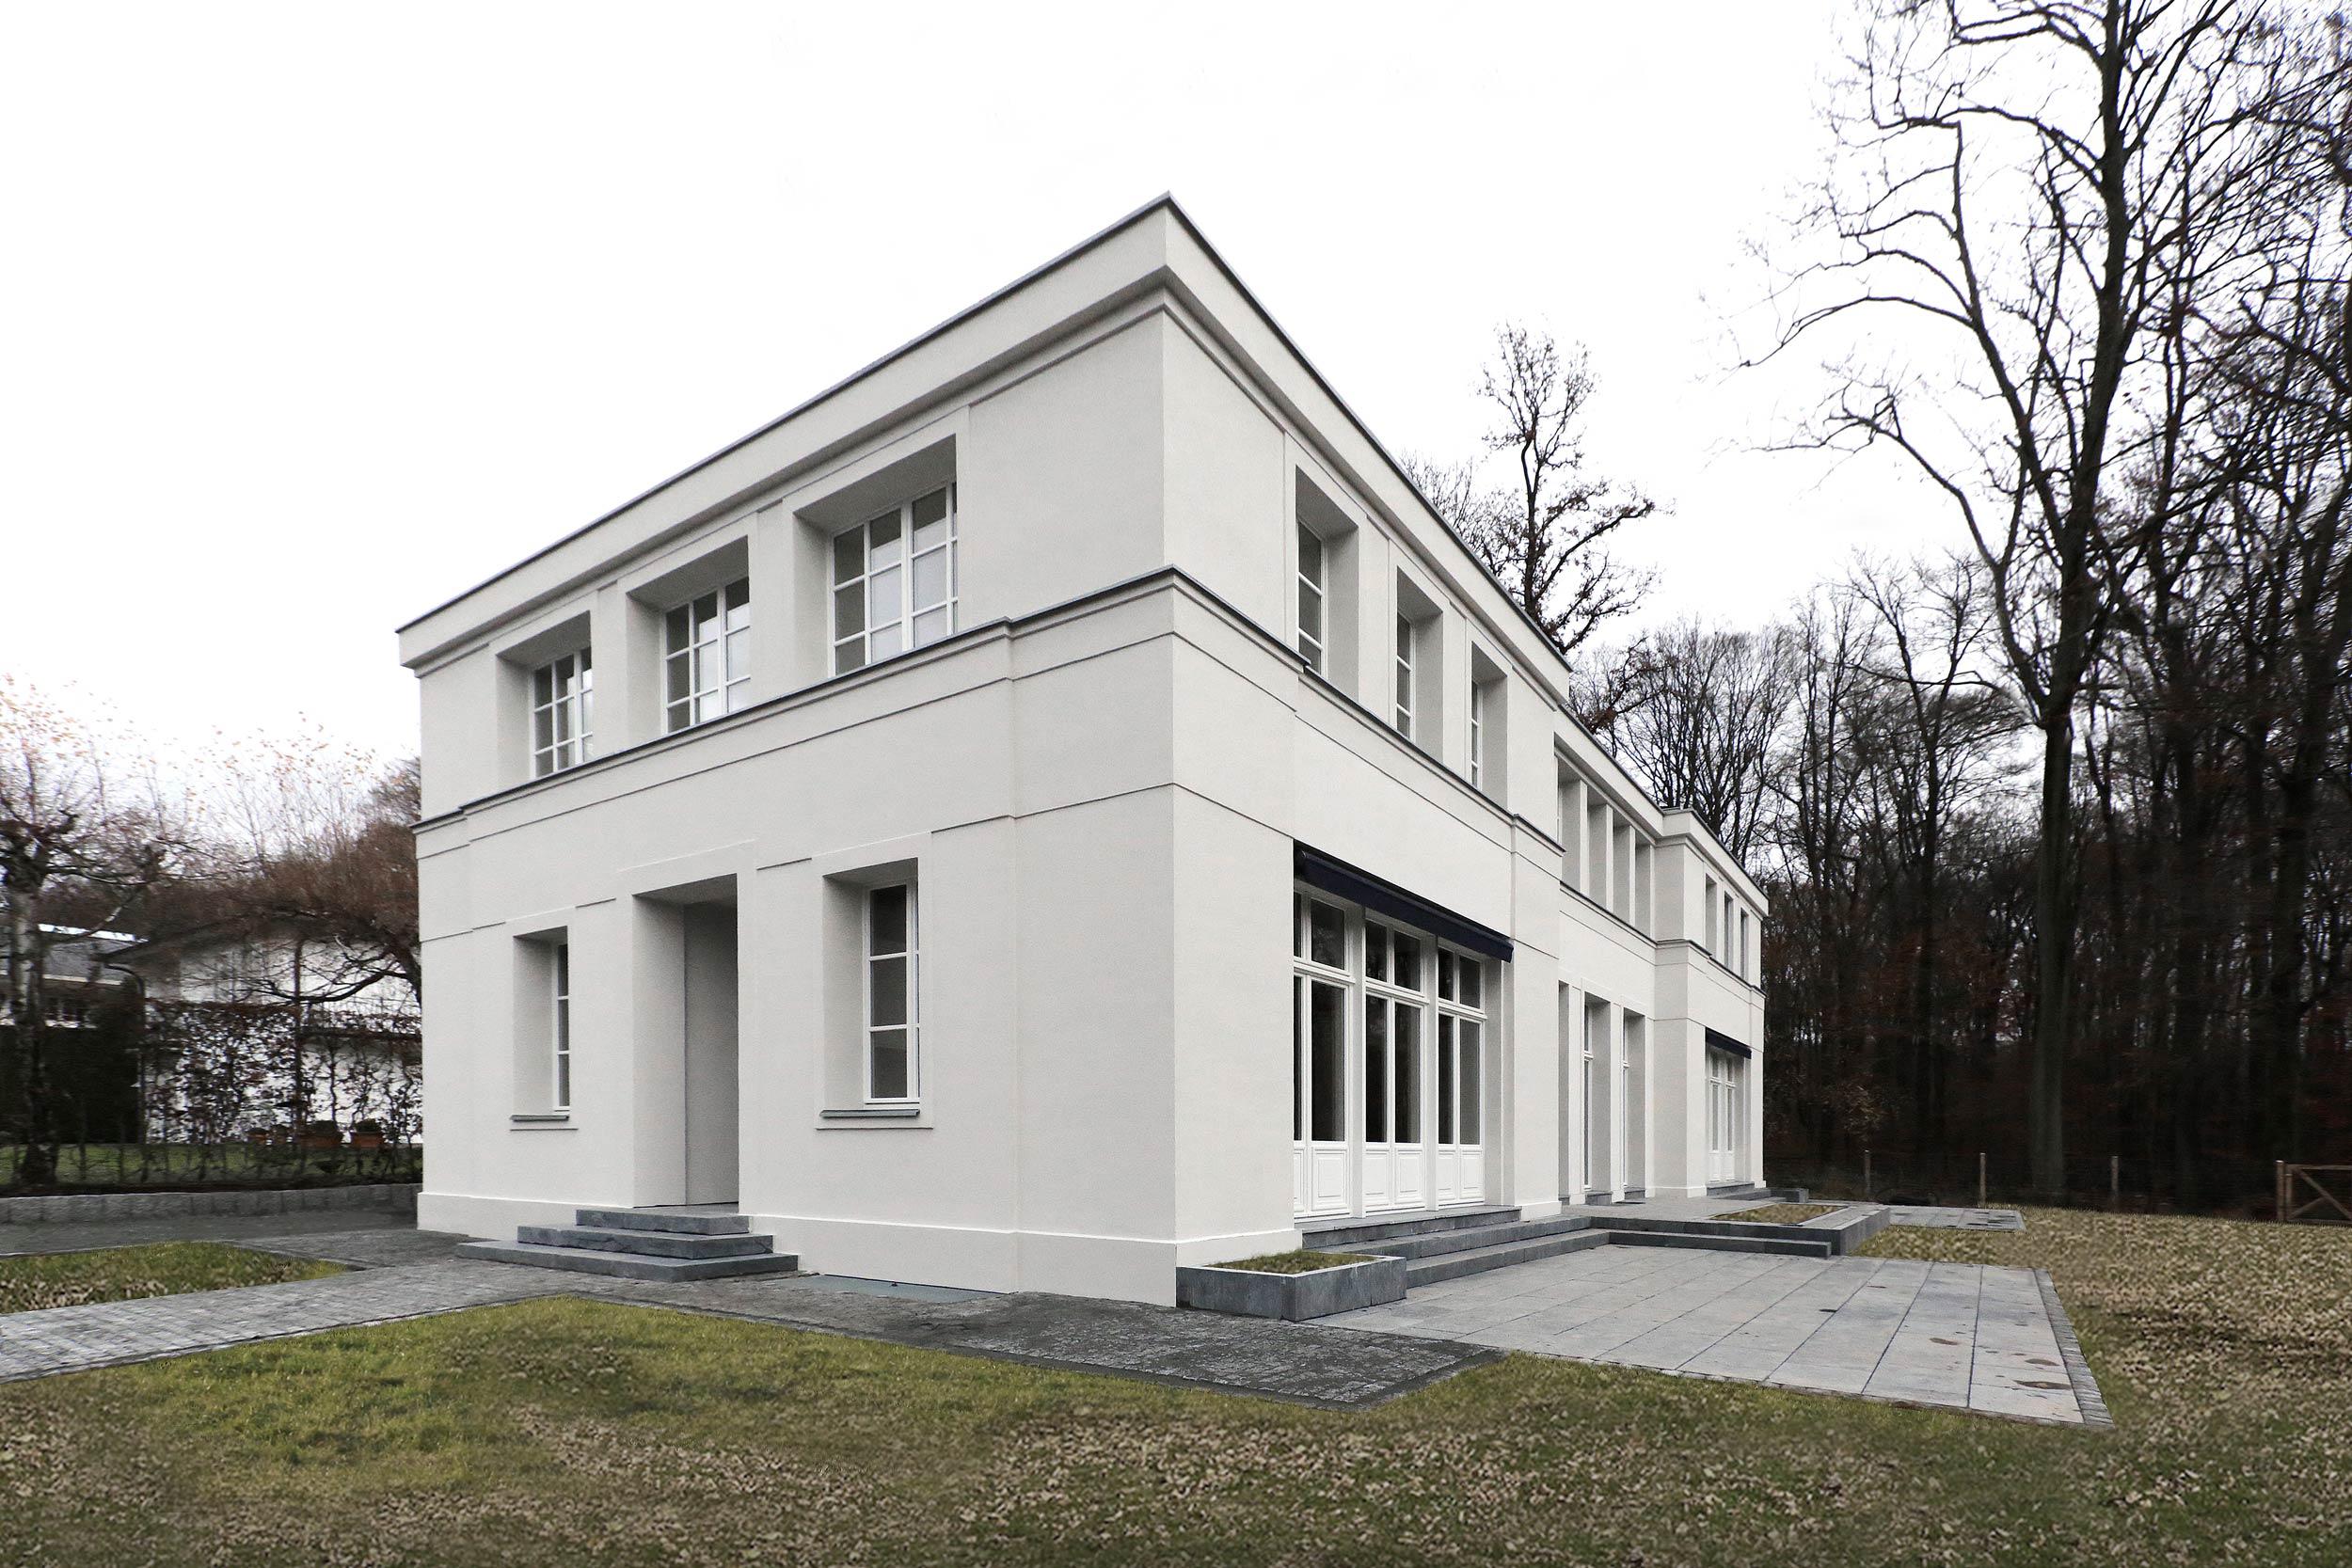 Das Eingangsportal mit Porch und vorspringendem Mittelrisalit